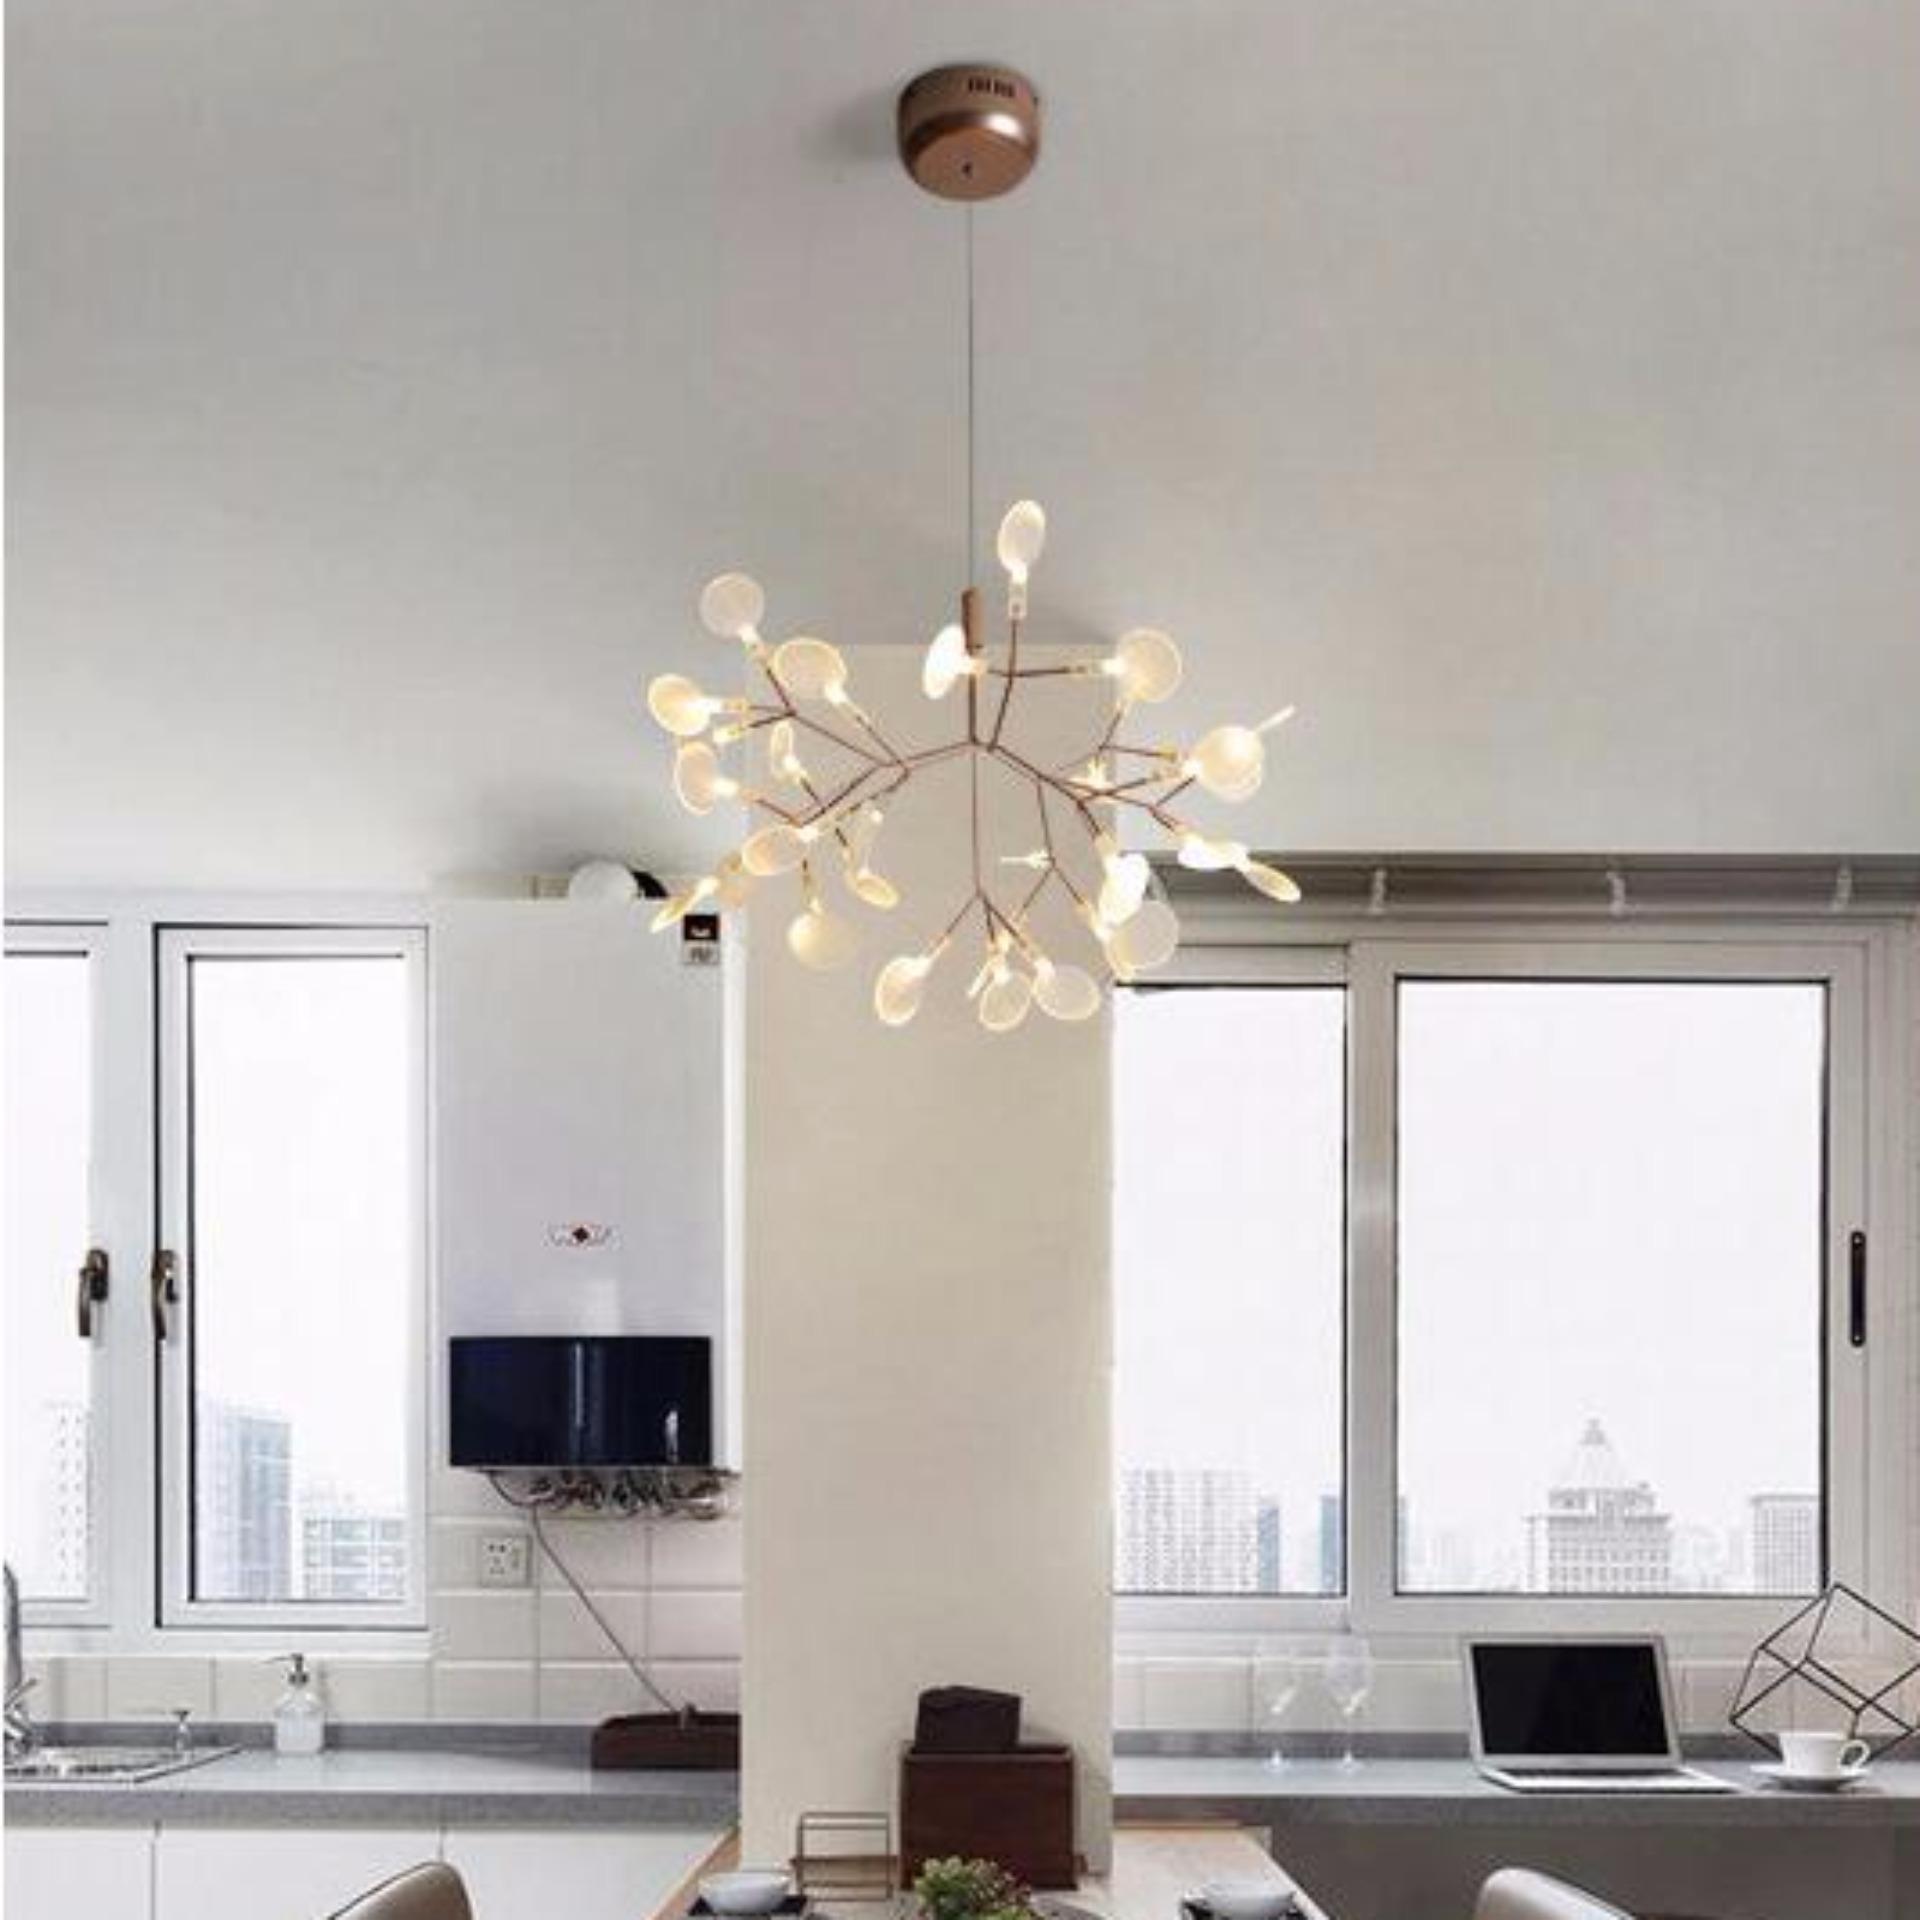 Pendant light lamp firefly chandelier led g4 15w warm light intl pendant light lamp firefly chandelier led g4 15w warm light intl lazada ph mozeypictures Gallery